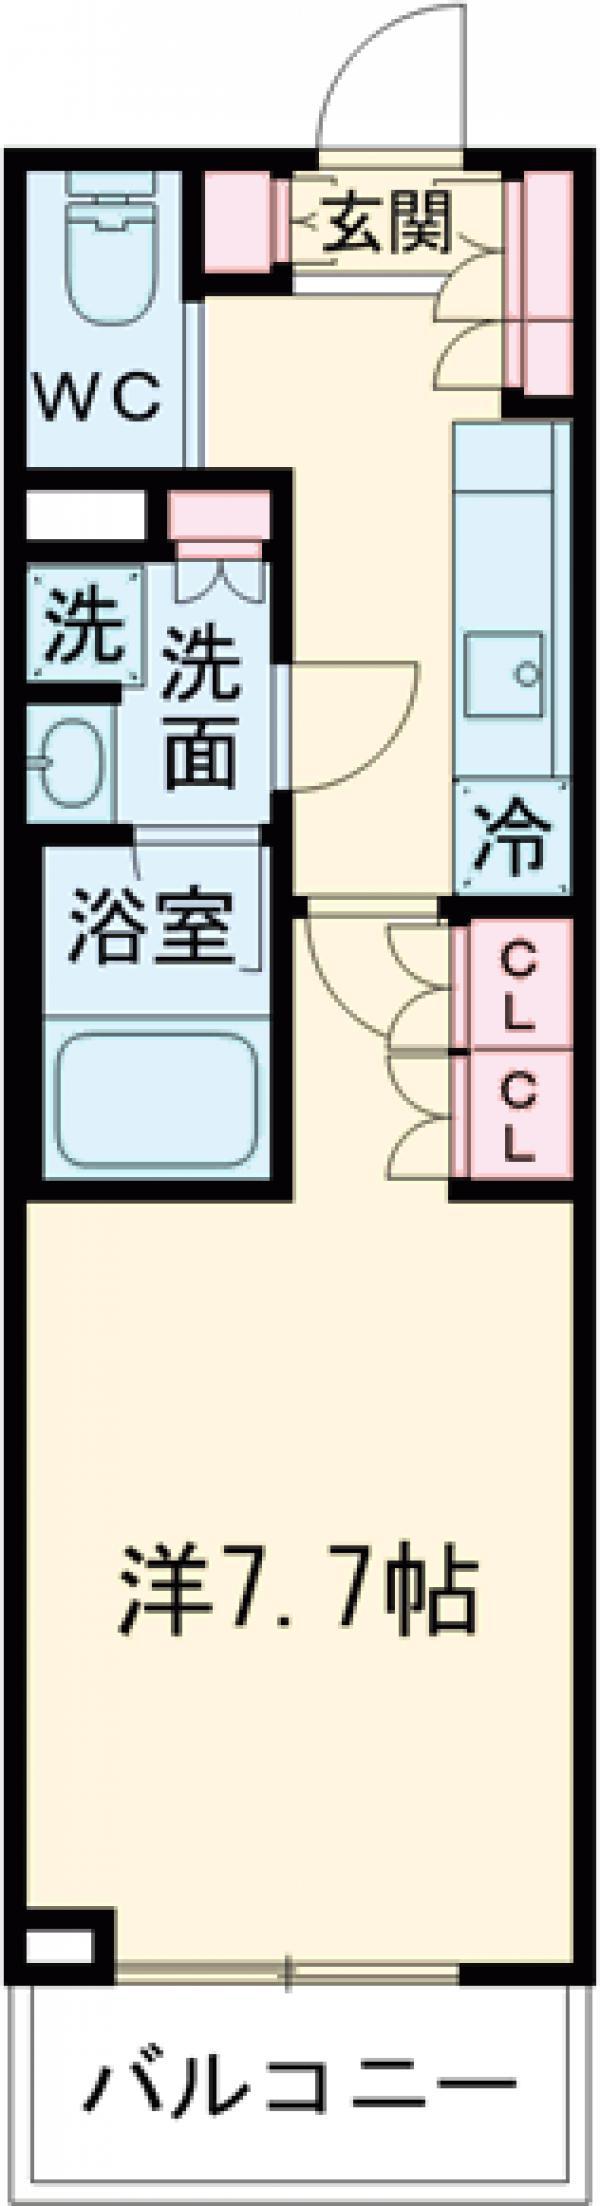 ブライズ世田谷桜・214号室の間取り